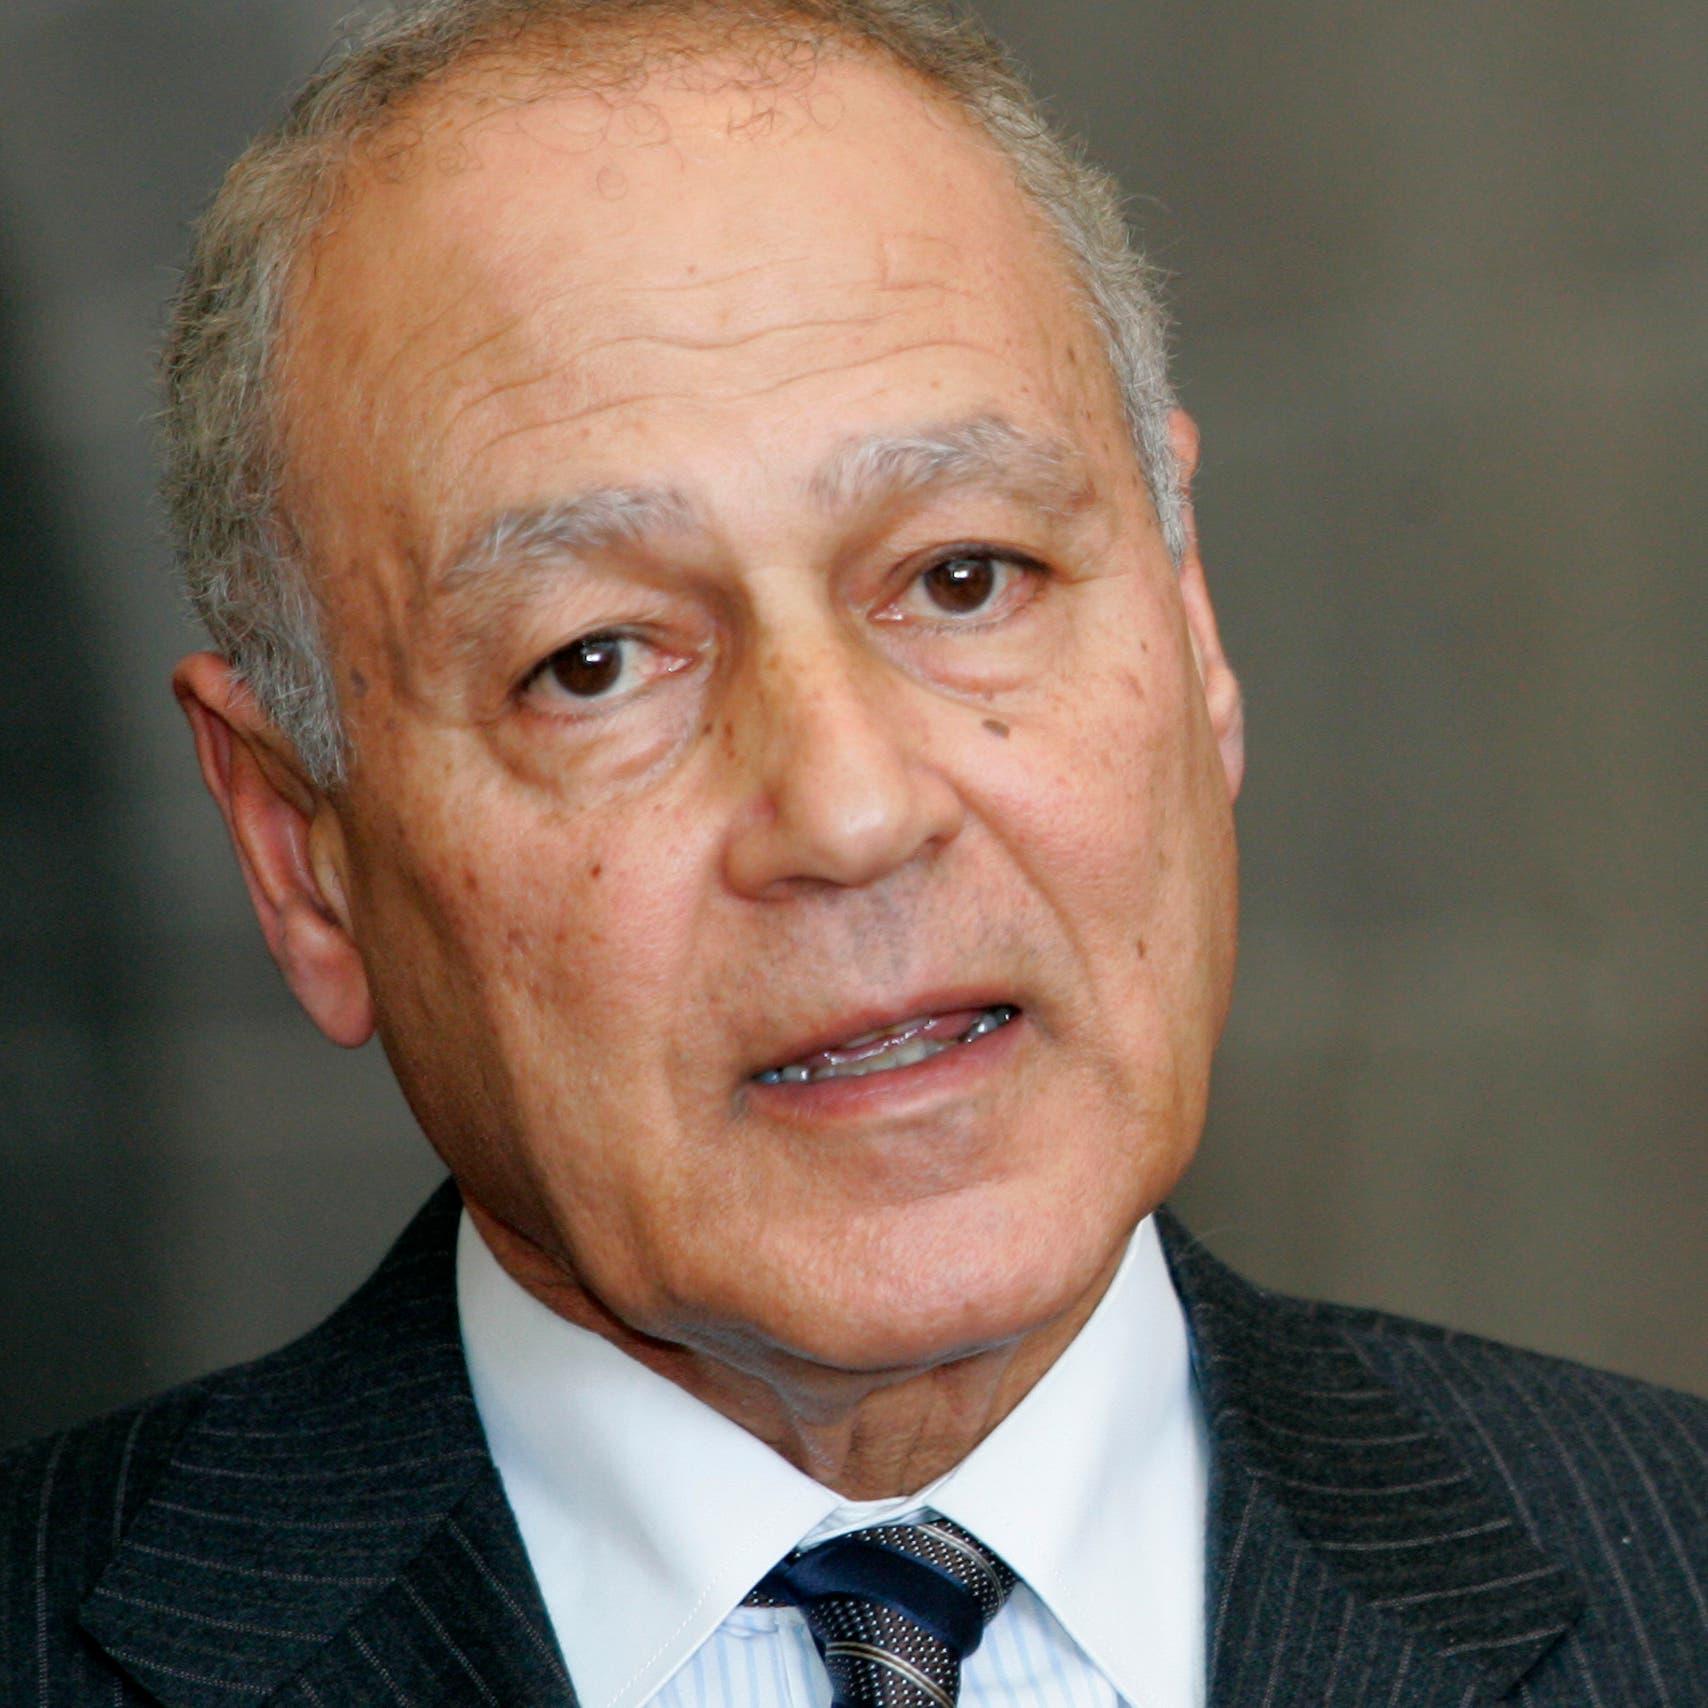 أبوالغيط: الجامعة العربية ترفض أي تدخل عسكري خارجي في ليبيا